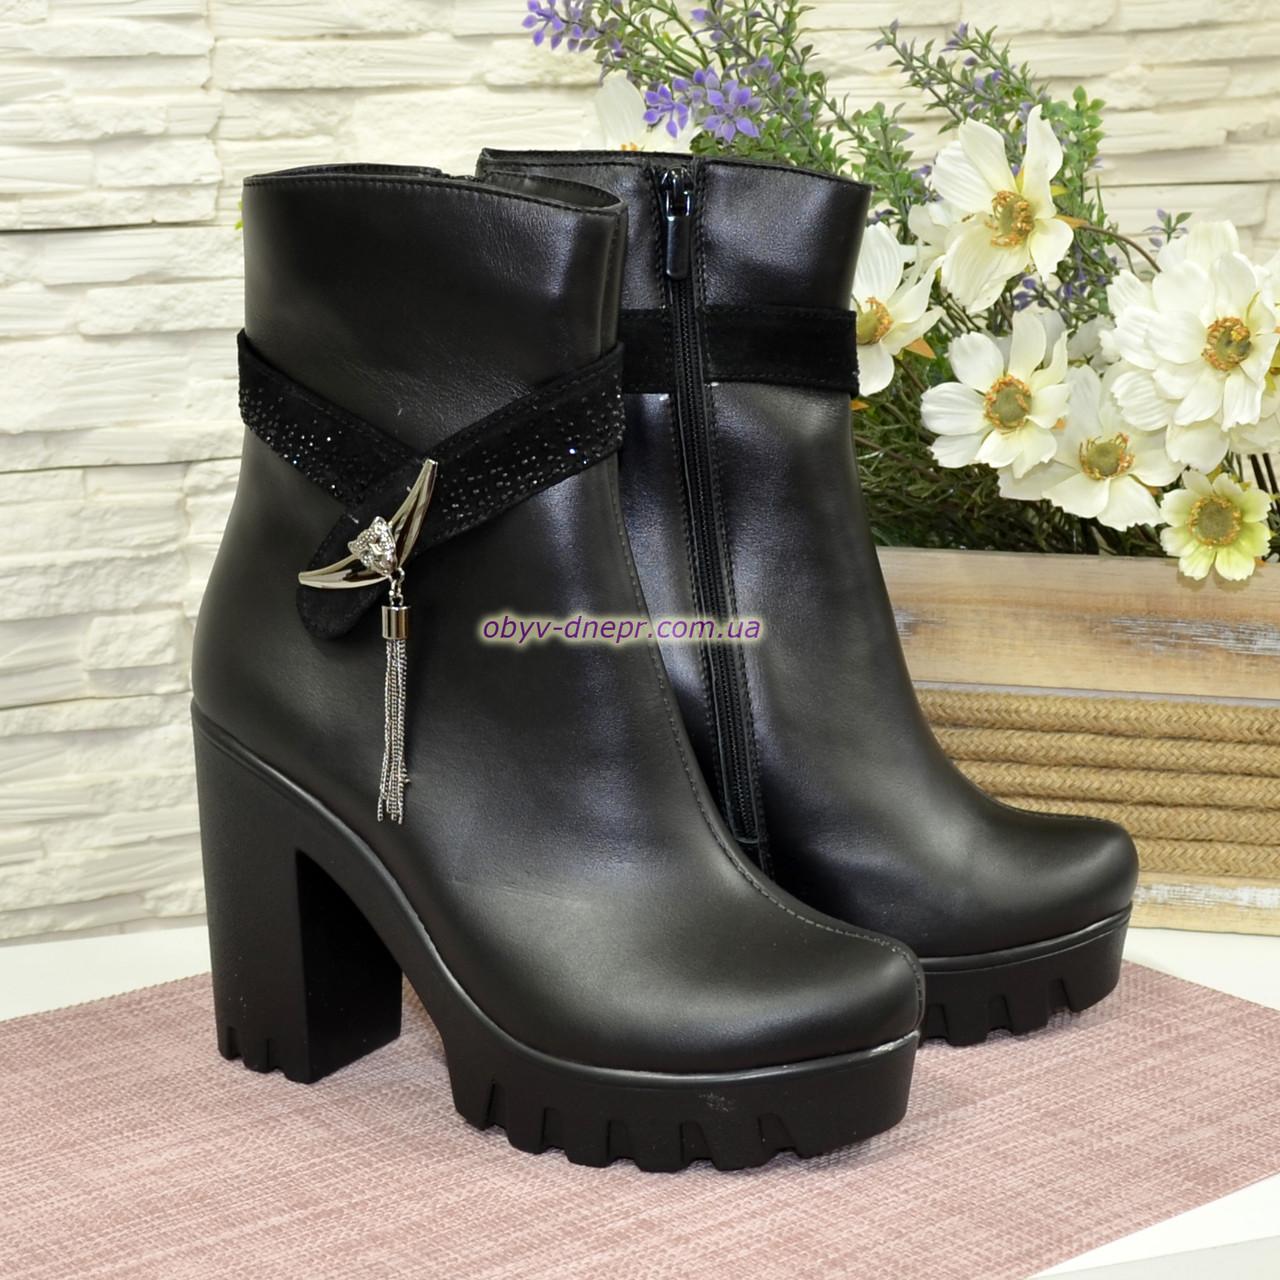 Ботинки женские кожаные тракторной подошве. Демисезон